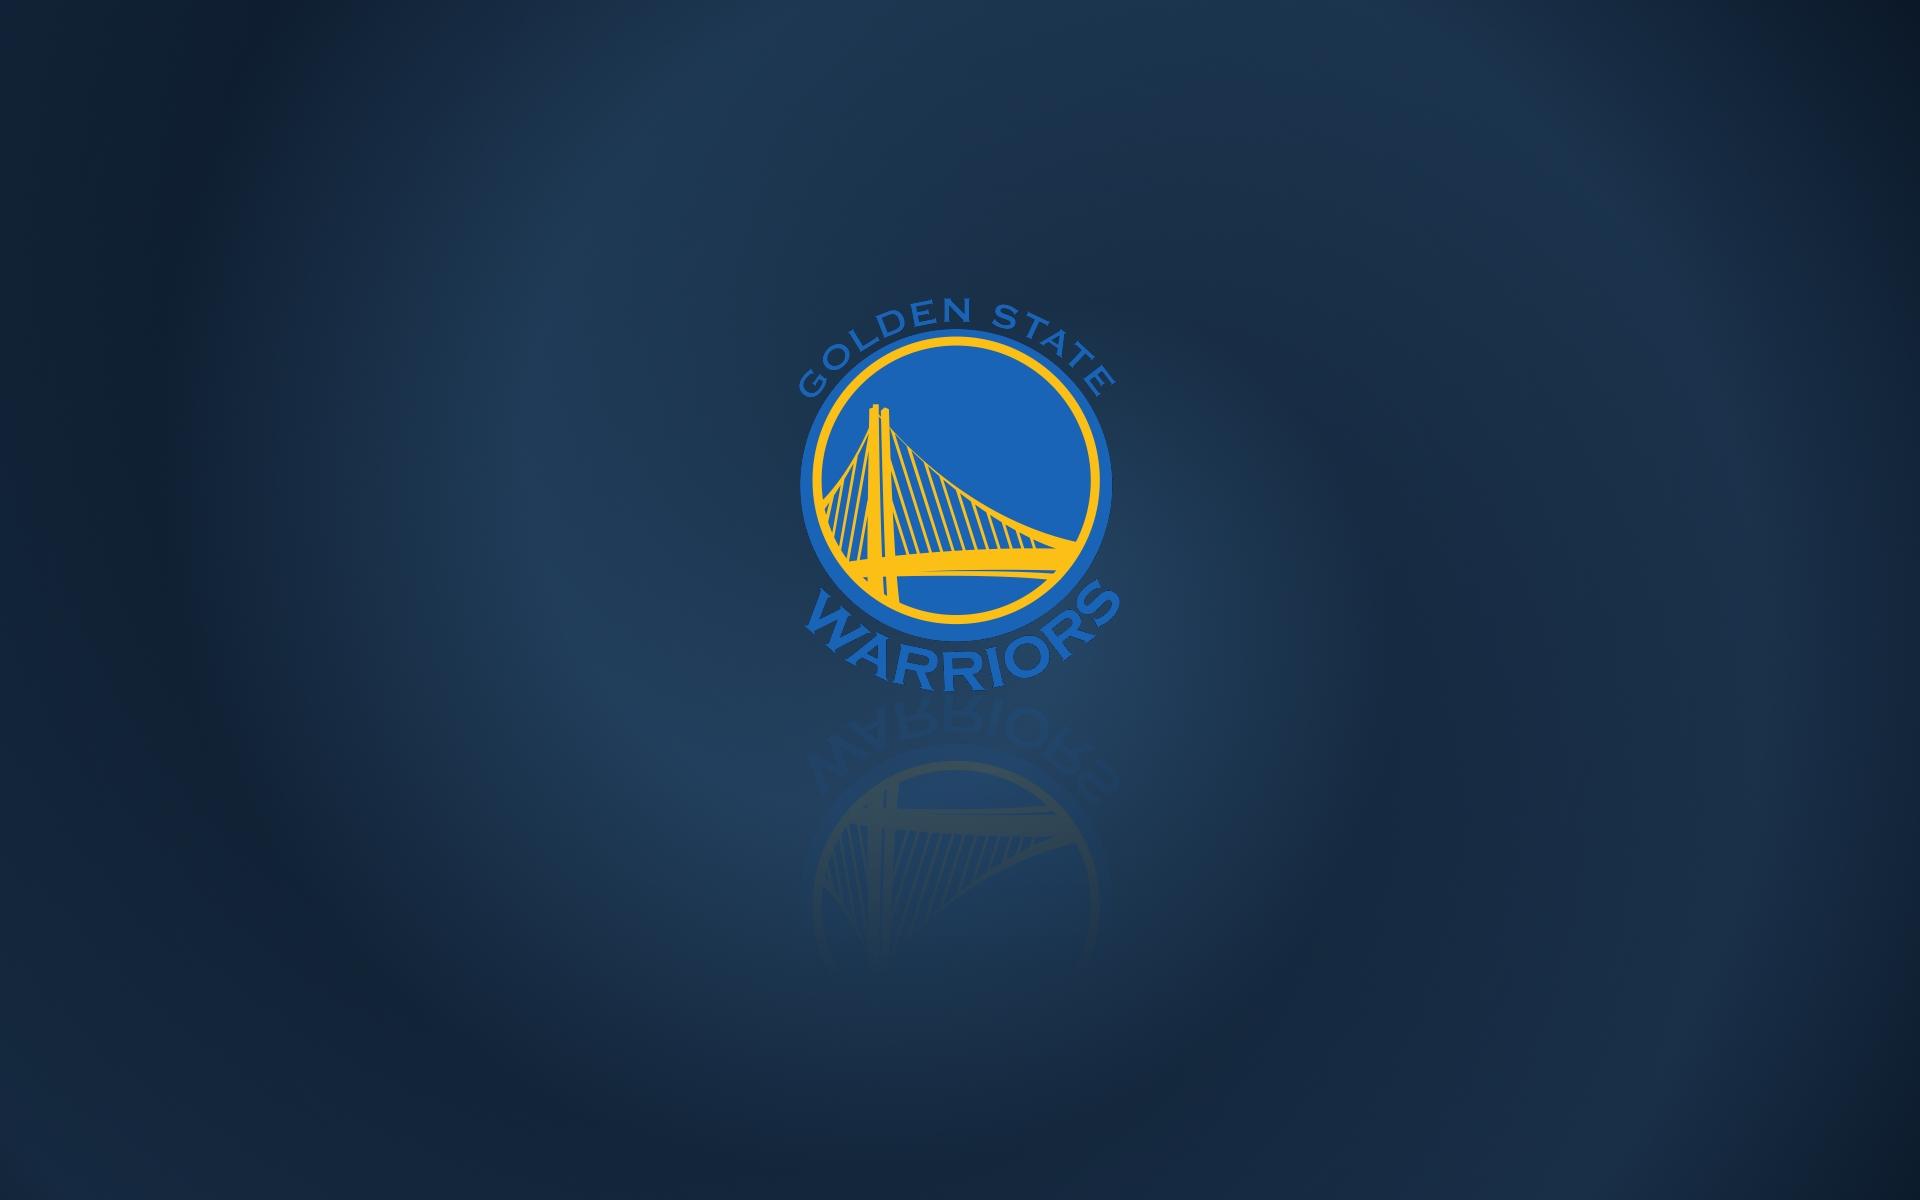 Golden State Warriors Wallpaper Logo Wide 16x10 1920x1200 Px